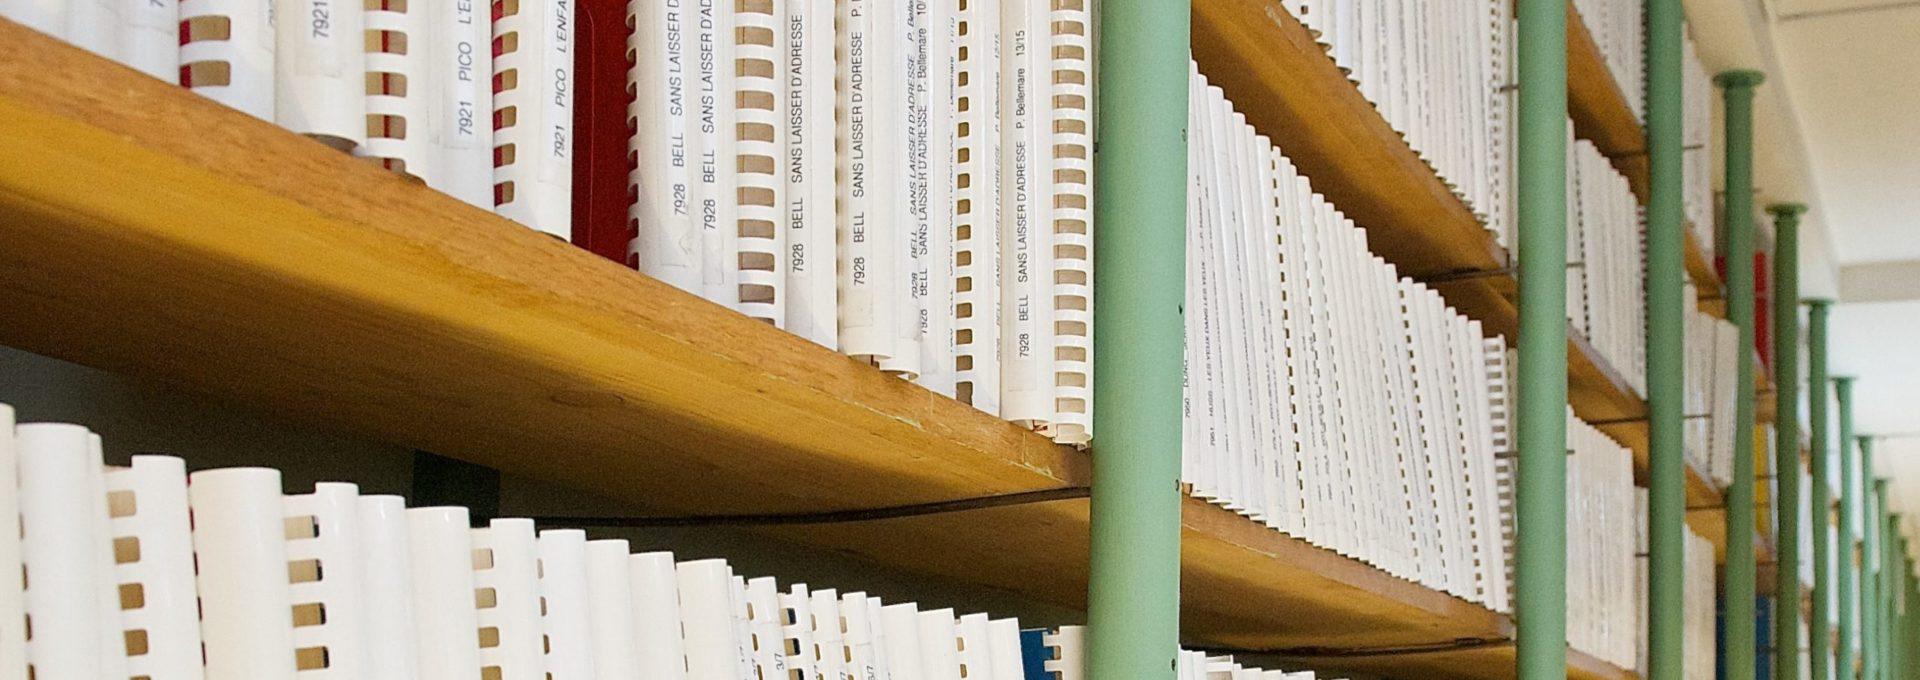 Photo: Rayonnage de bibliothèque contenant des ouvrages braille.